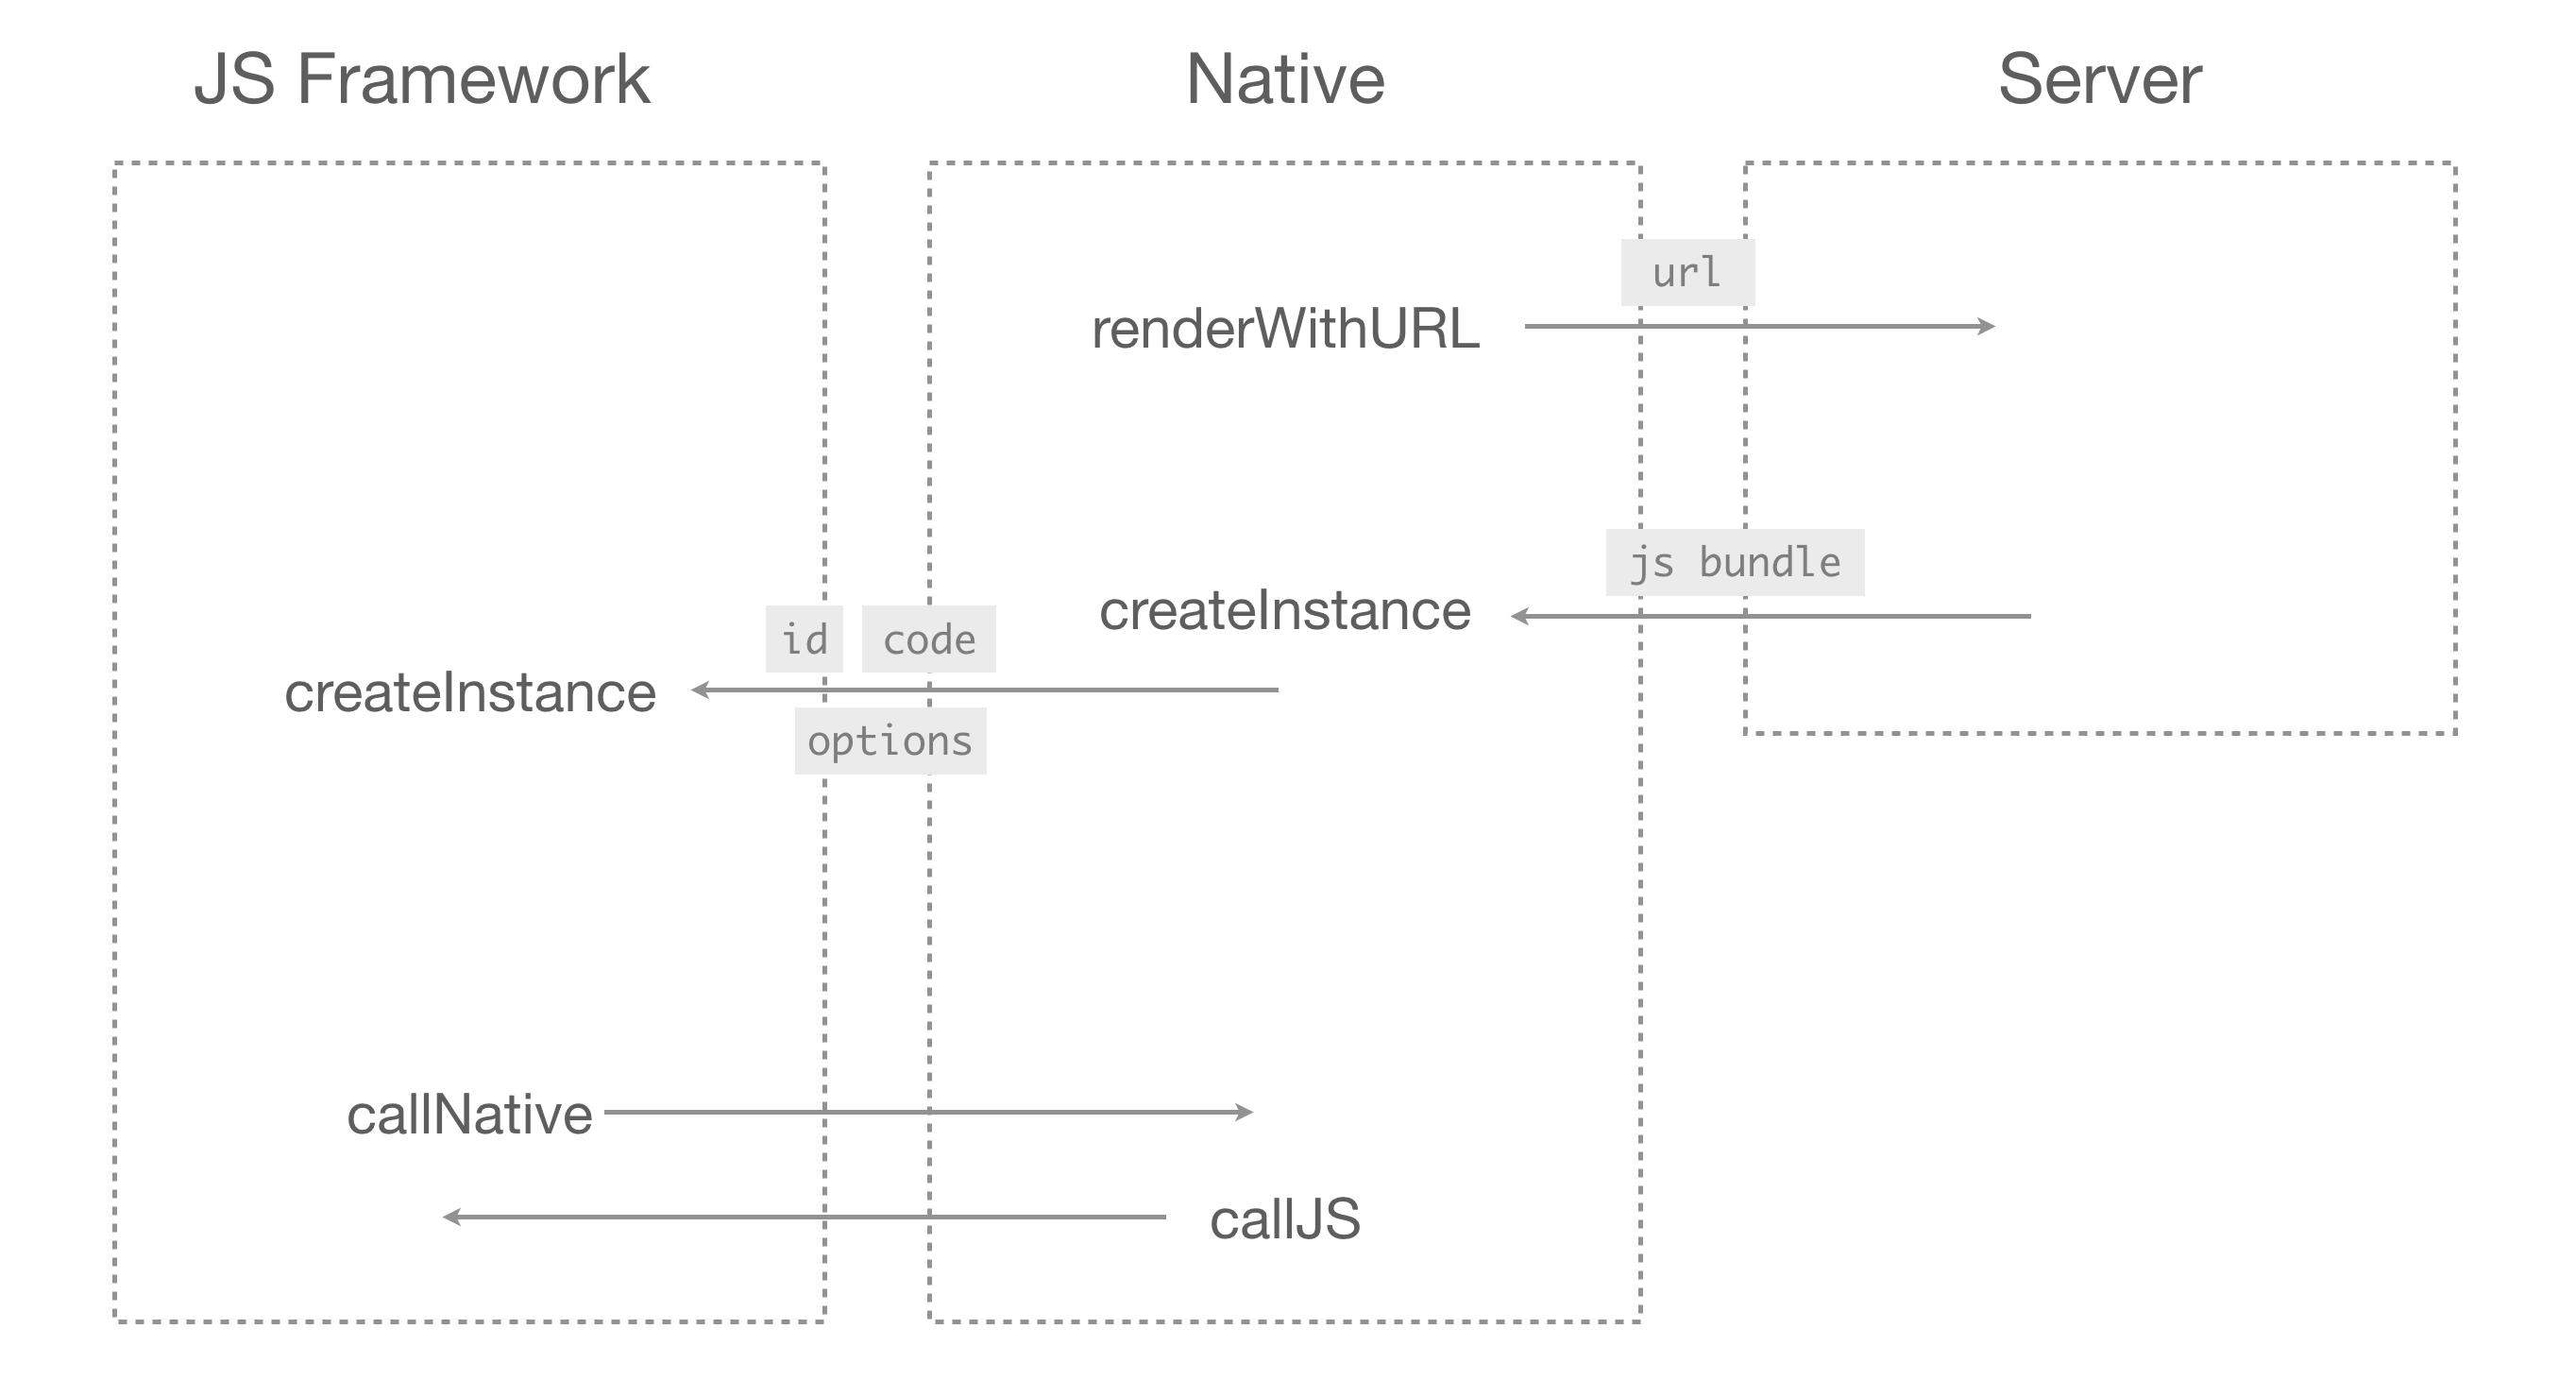 execute-js-bundle.png